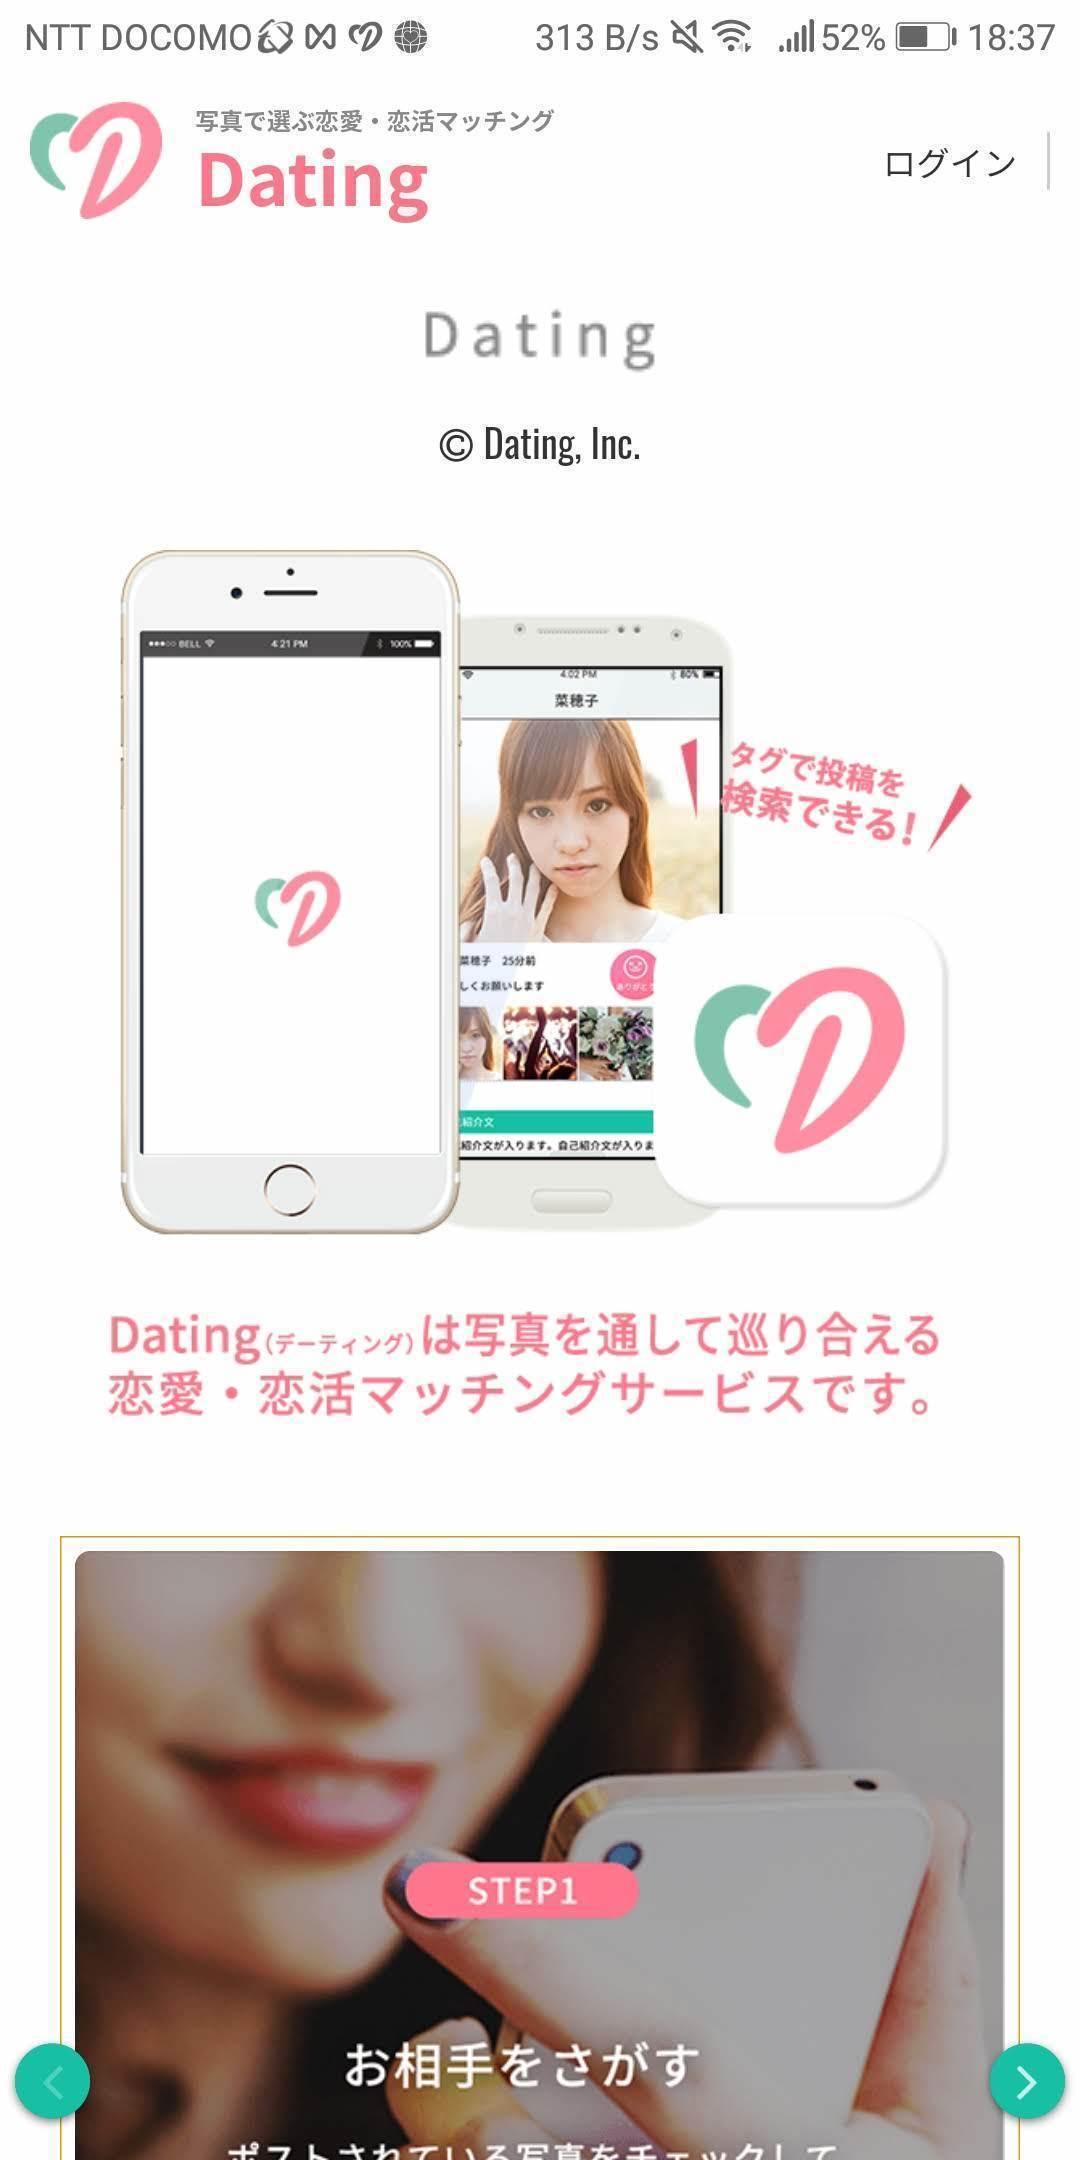 マッチングアプリ 第5位 Dating(デーティング)